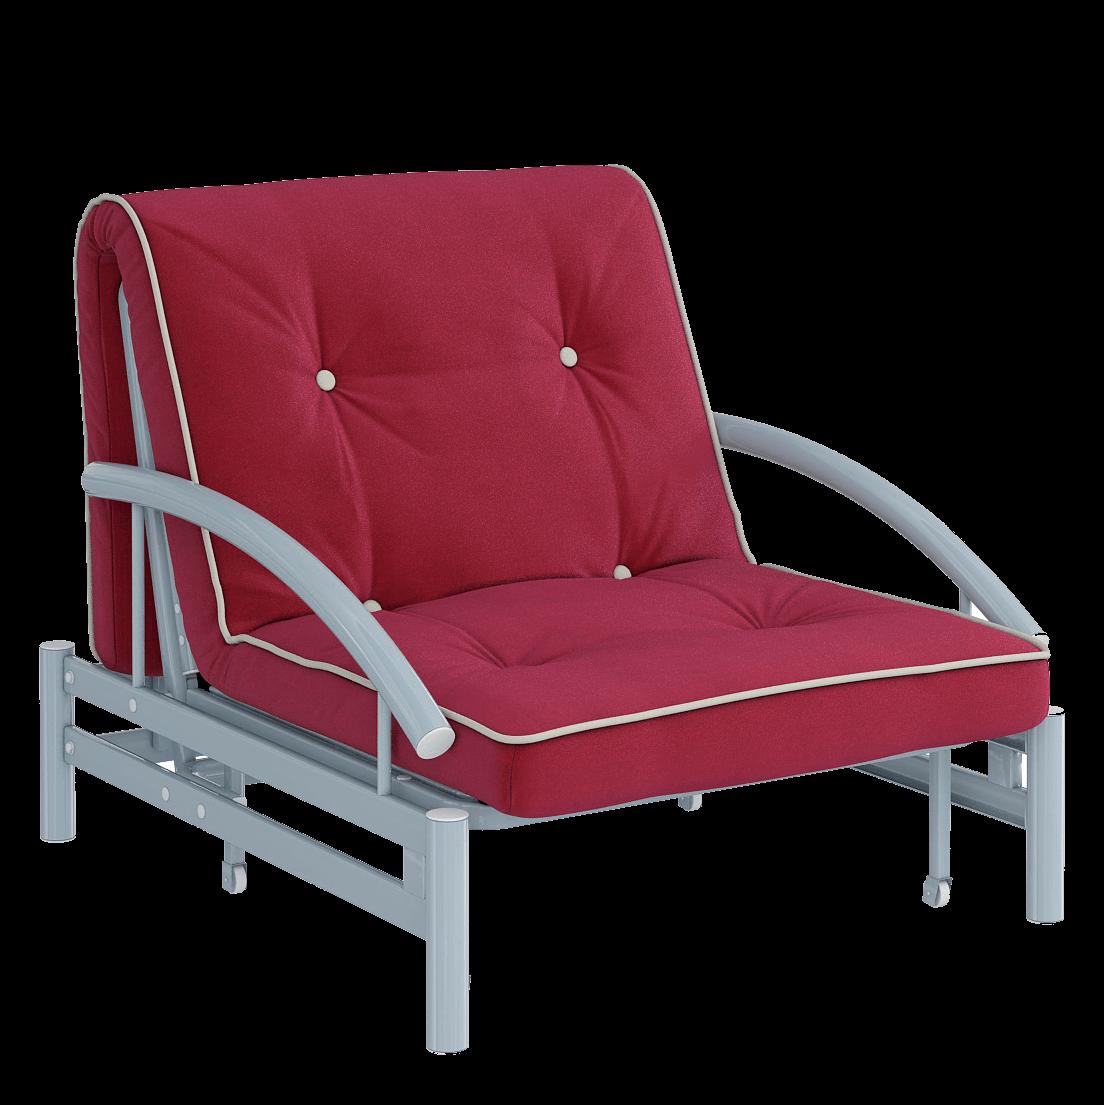 Кресло-кровать Роджер комфорт сканди (энигма 030)